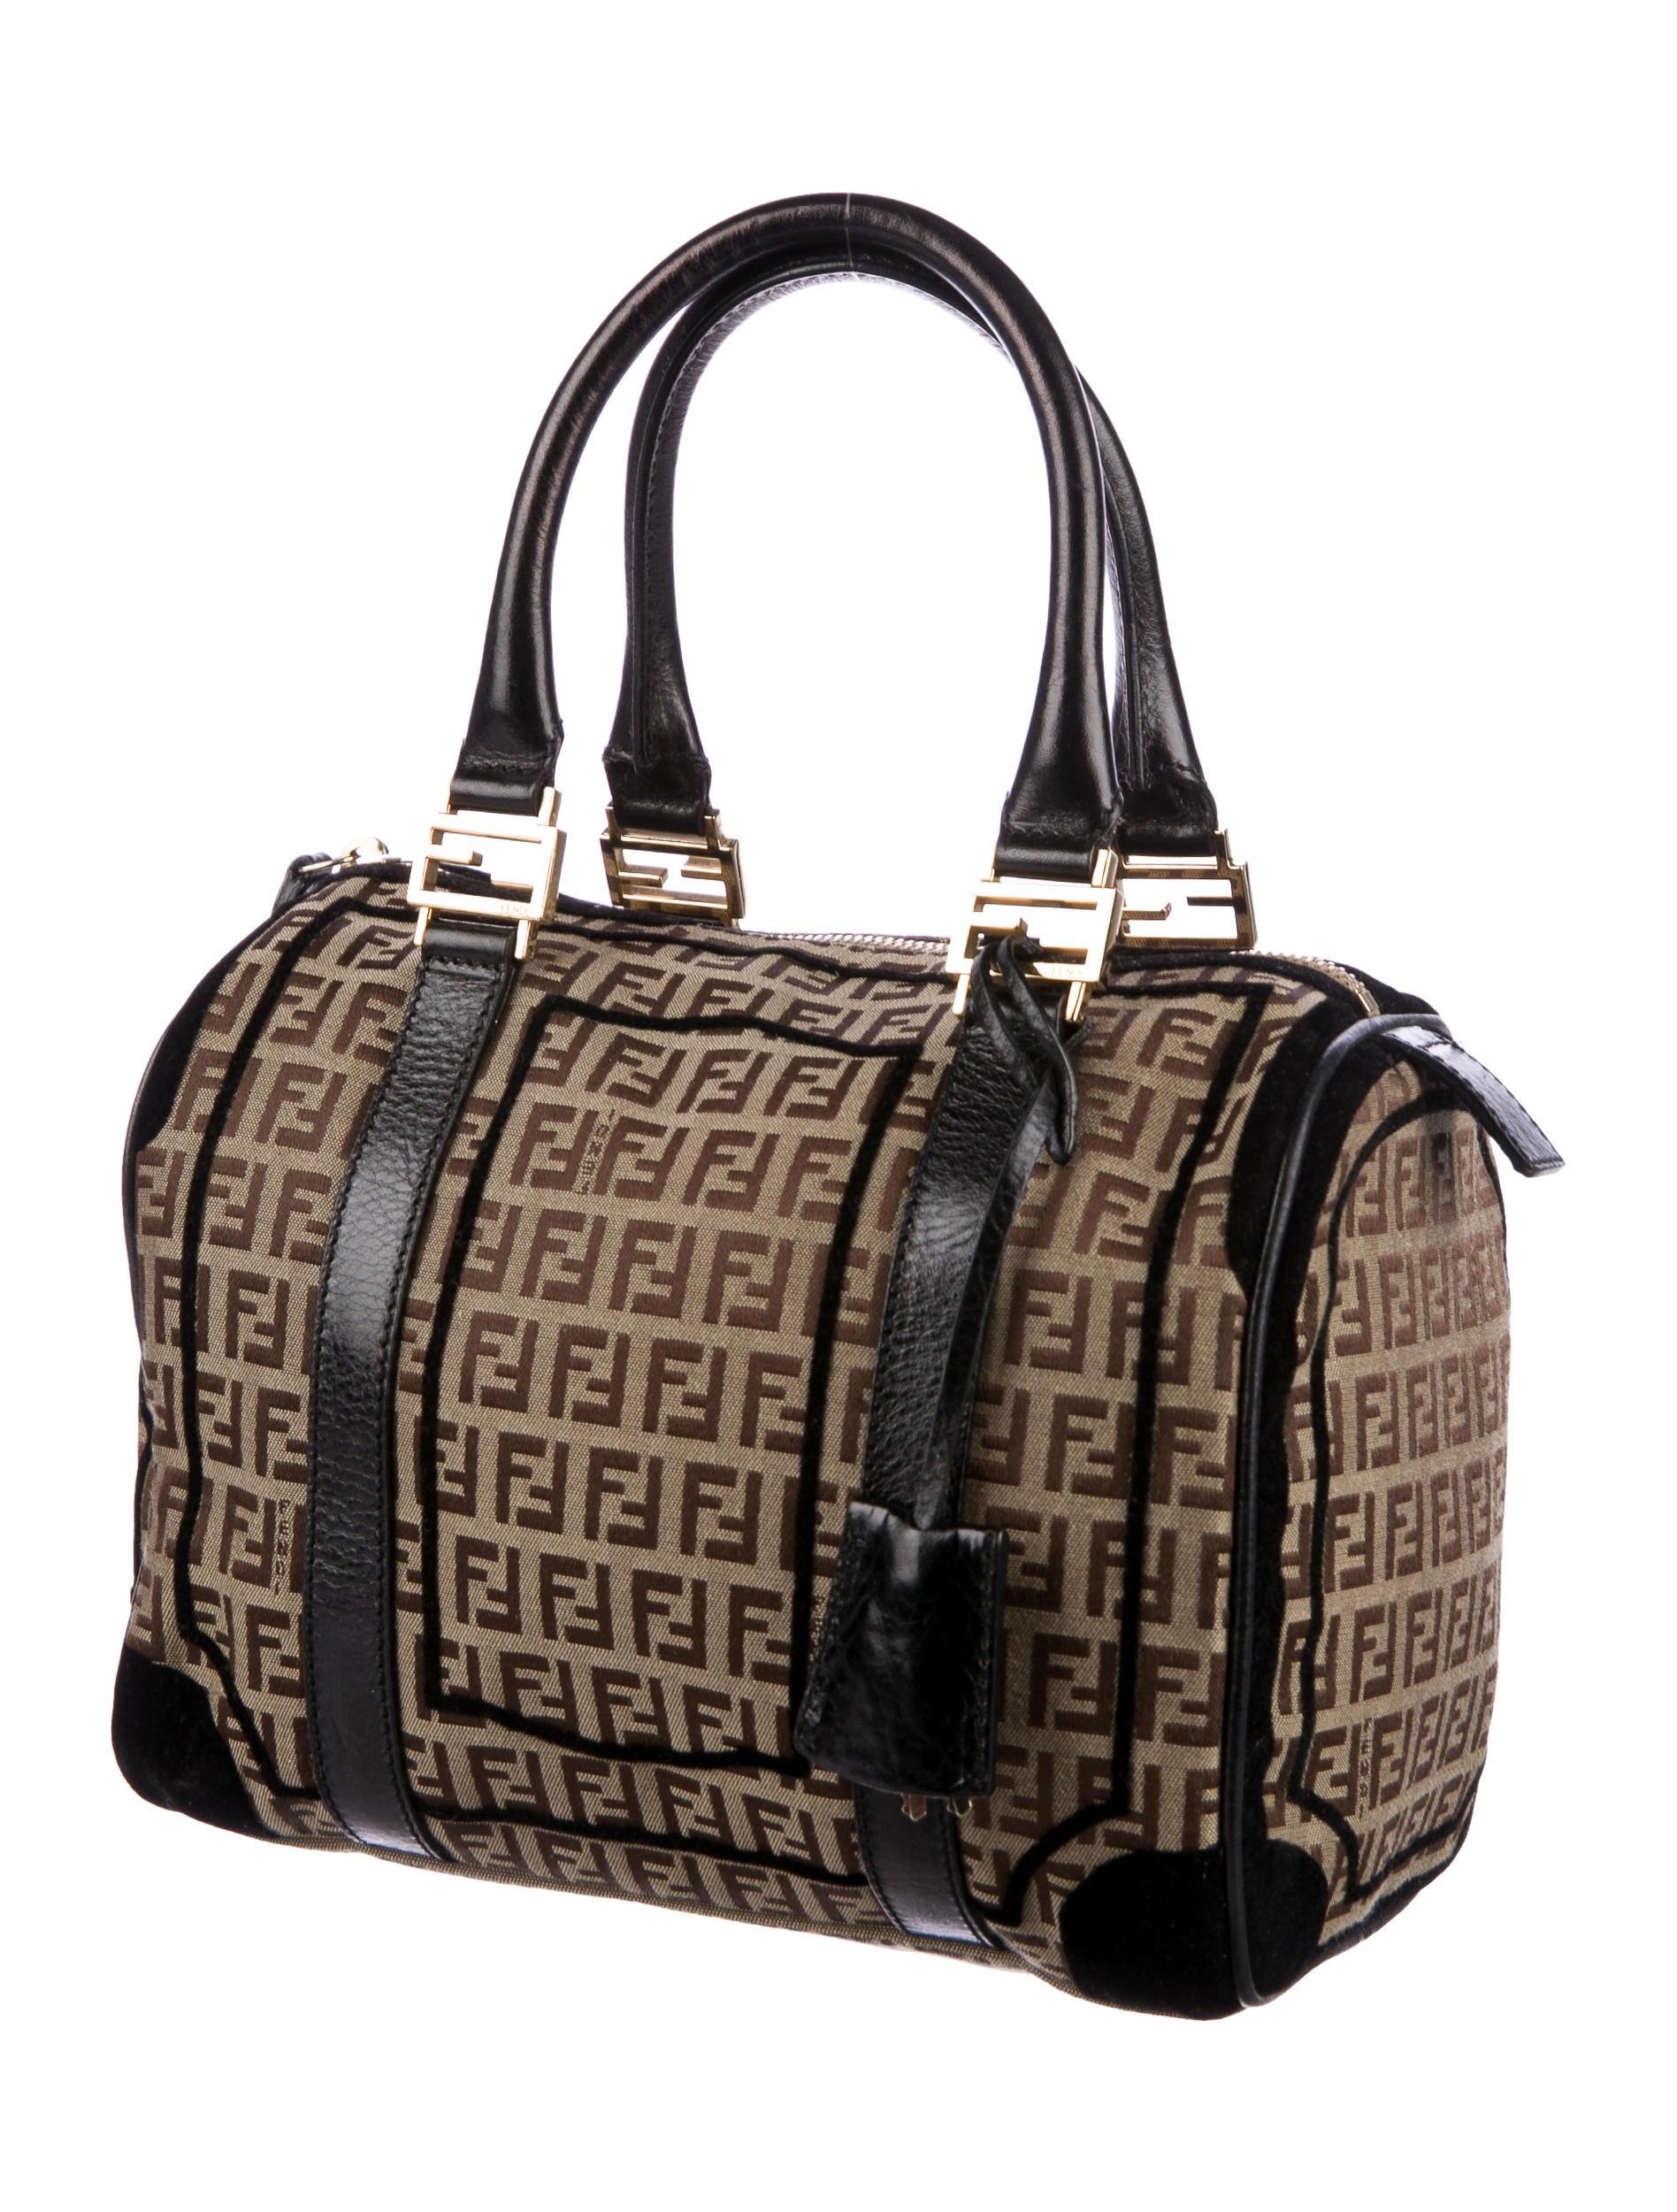 Boston Bag Patchwork Tutorial: Fendi Velvet-Trimmed Zucca Boston Bag